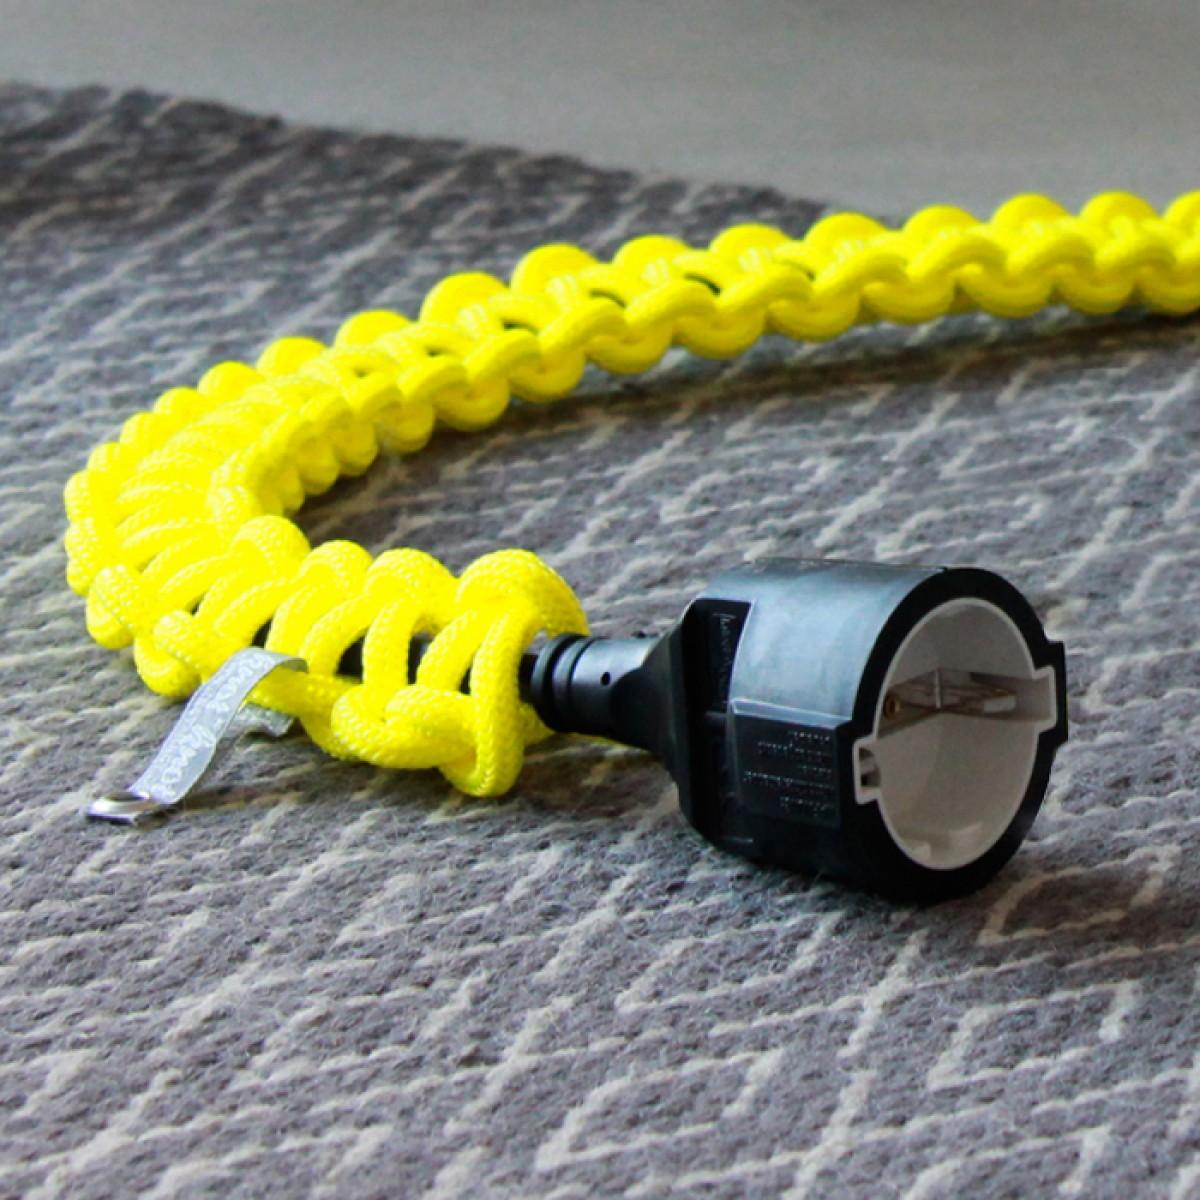 knot*knot 2m schwarze Verlängerung mit neongelbem Strangknoten